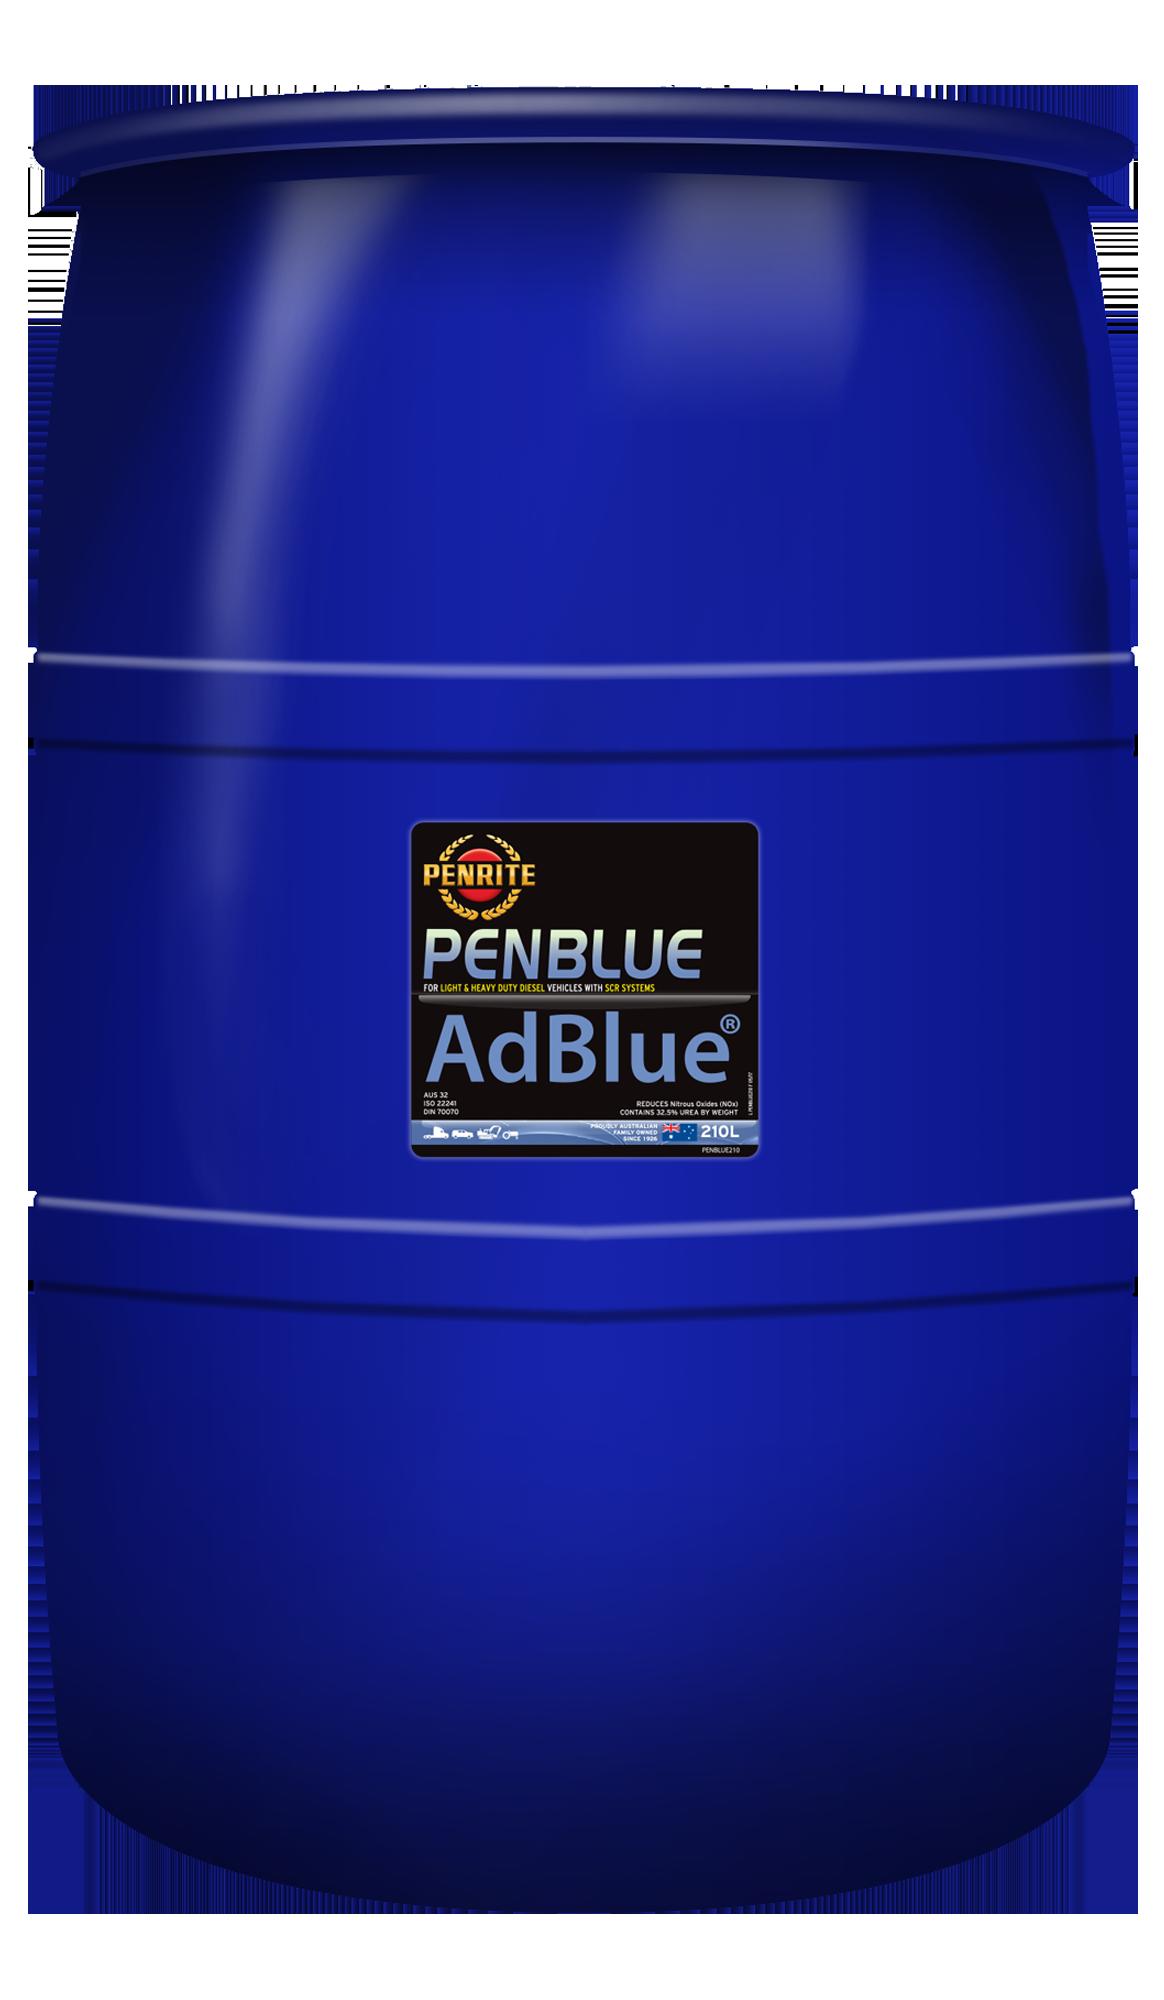 PENBLUE (ADBLUE) DEF - Diesel Exhaust Fluid   Penrite Oil